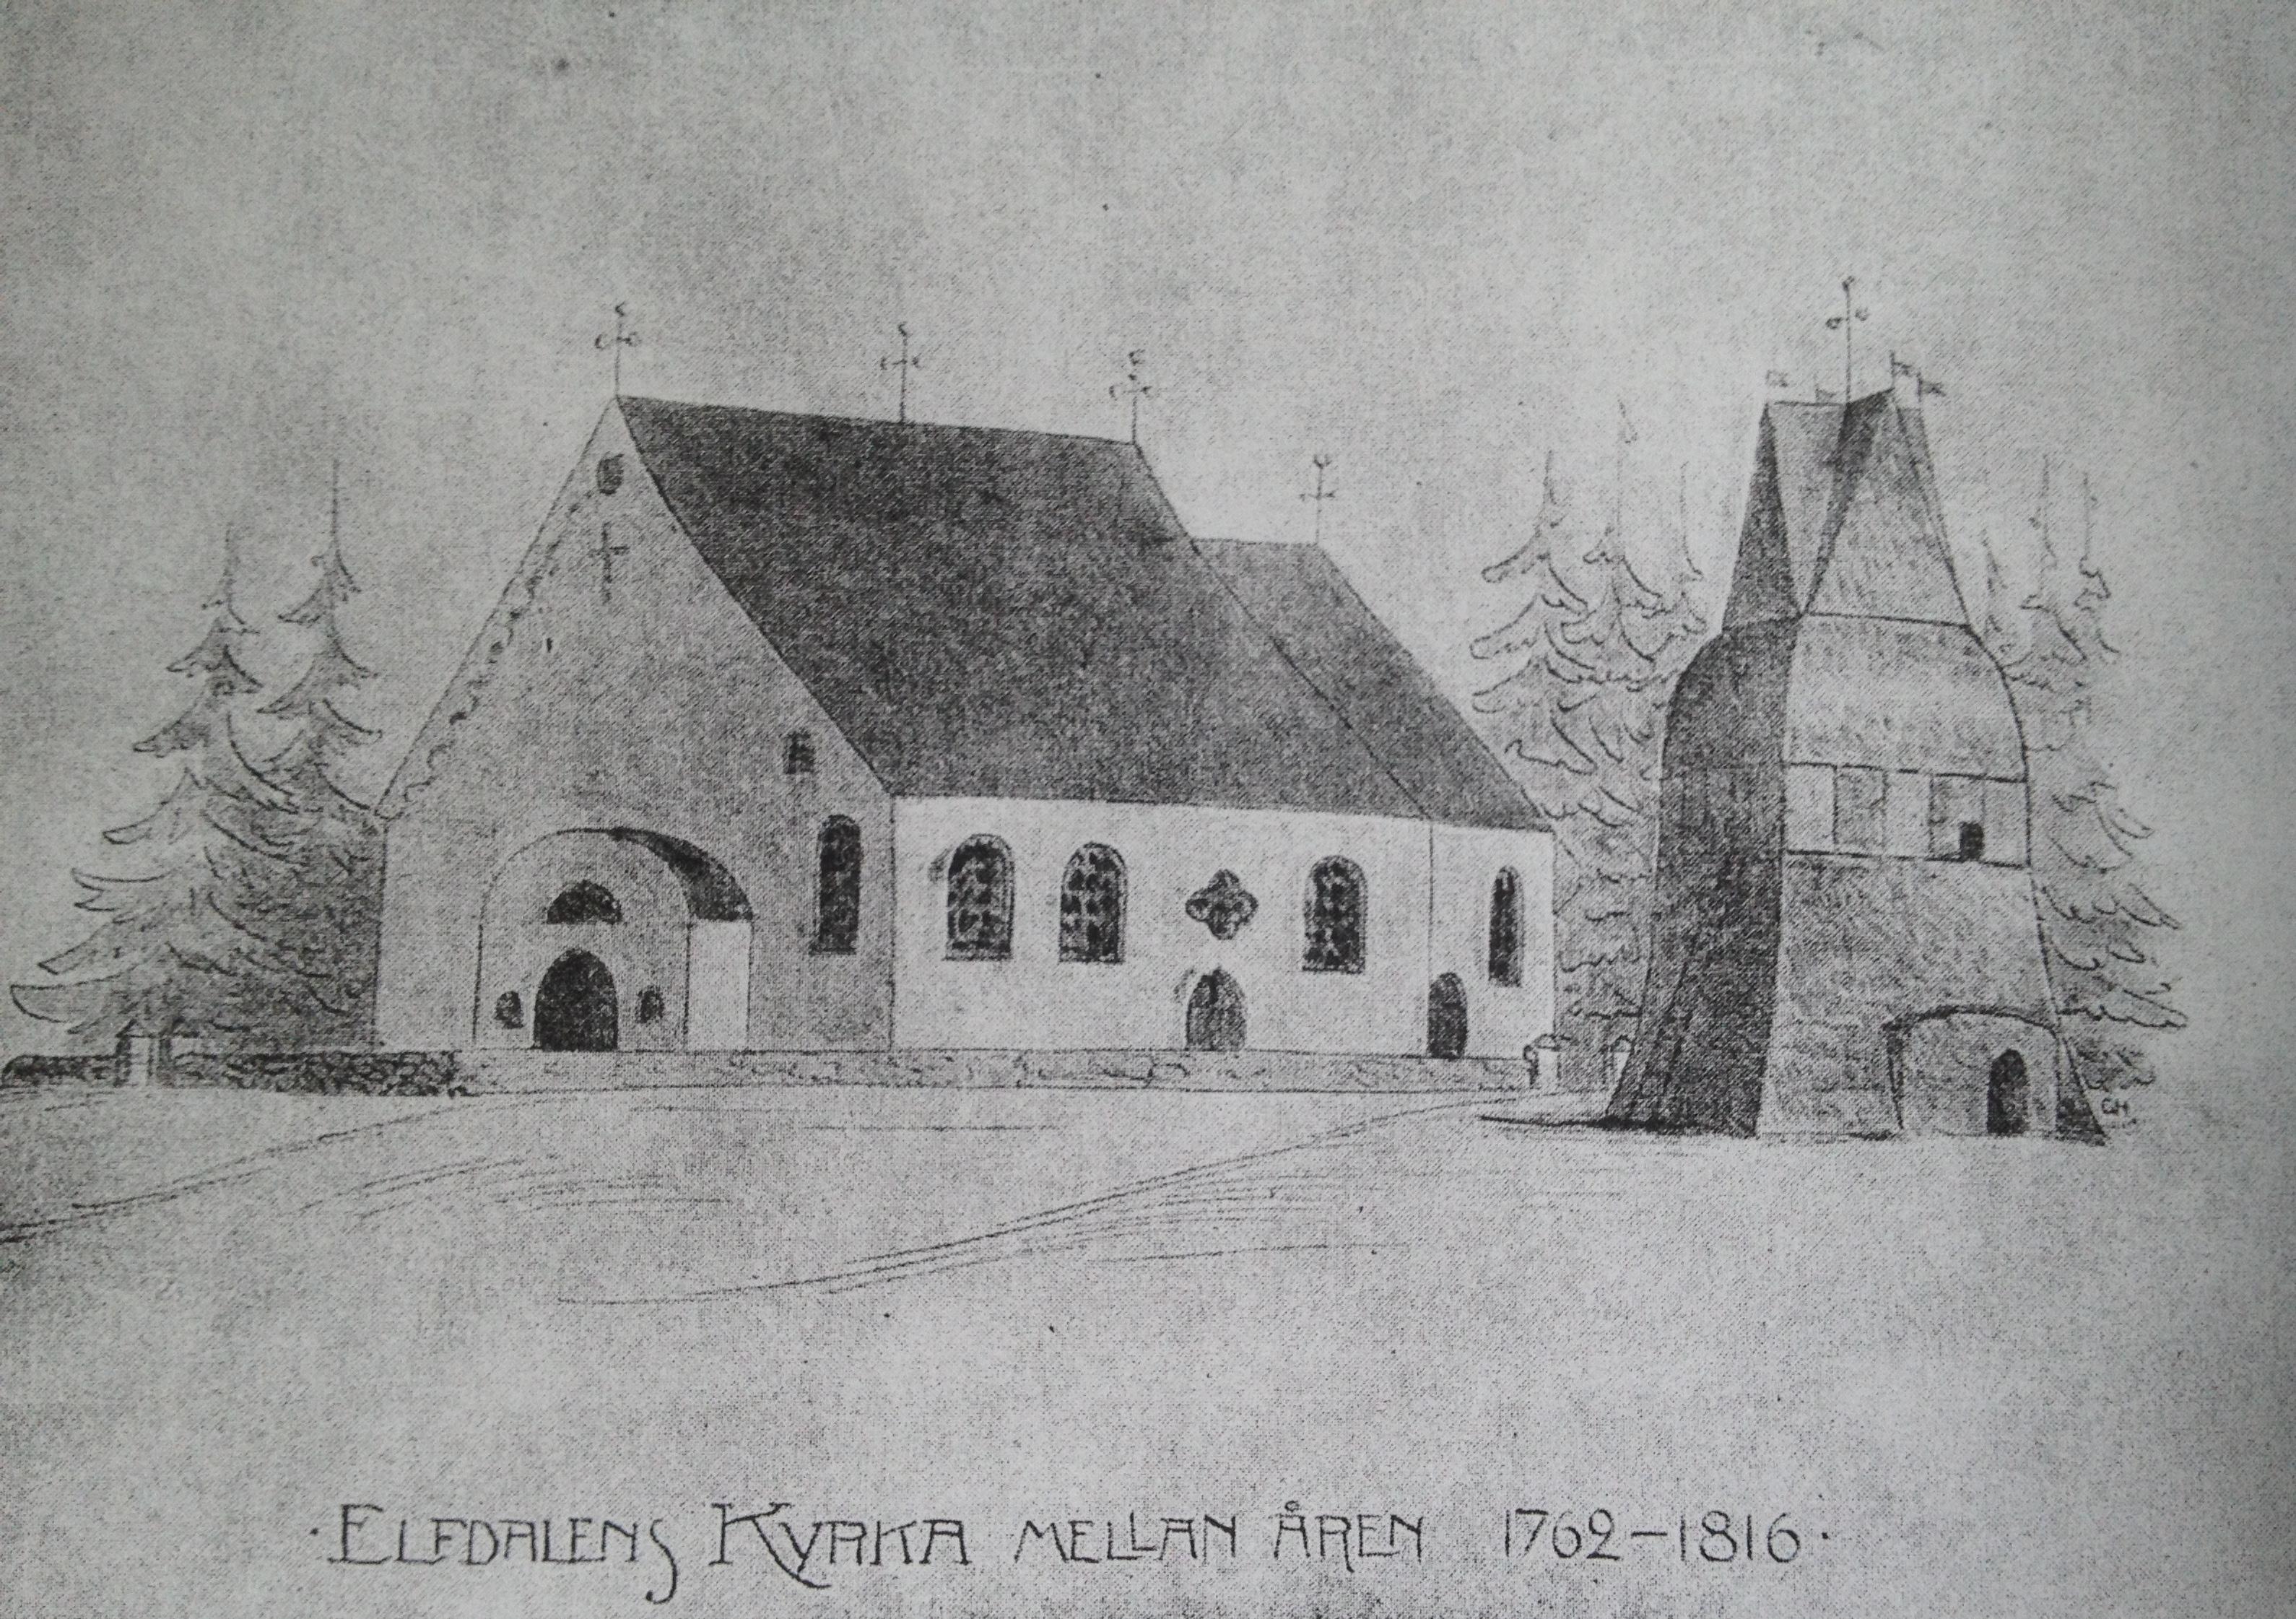 """Tillbyggnaderna 1687-88 bestod huvudsakligen av tillbyggnad i öster för koret. I samband med tillbyggnaden skänkte Karl XI det altarskåp som idag finns i Evertsberg. 1762 flyttades den södra väggen av den ursprungliga kyrkan ut. (I samband med detta fick taket en egendomlig """"brytning"""".) Bild och uppgifter är hämtade från C.W Söderström"""